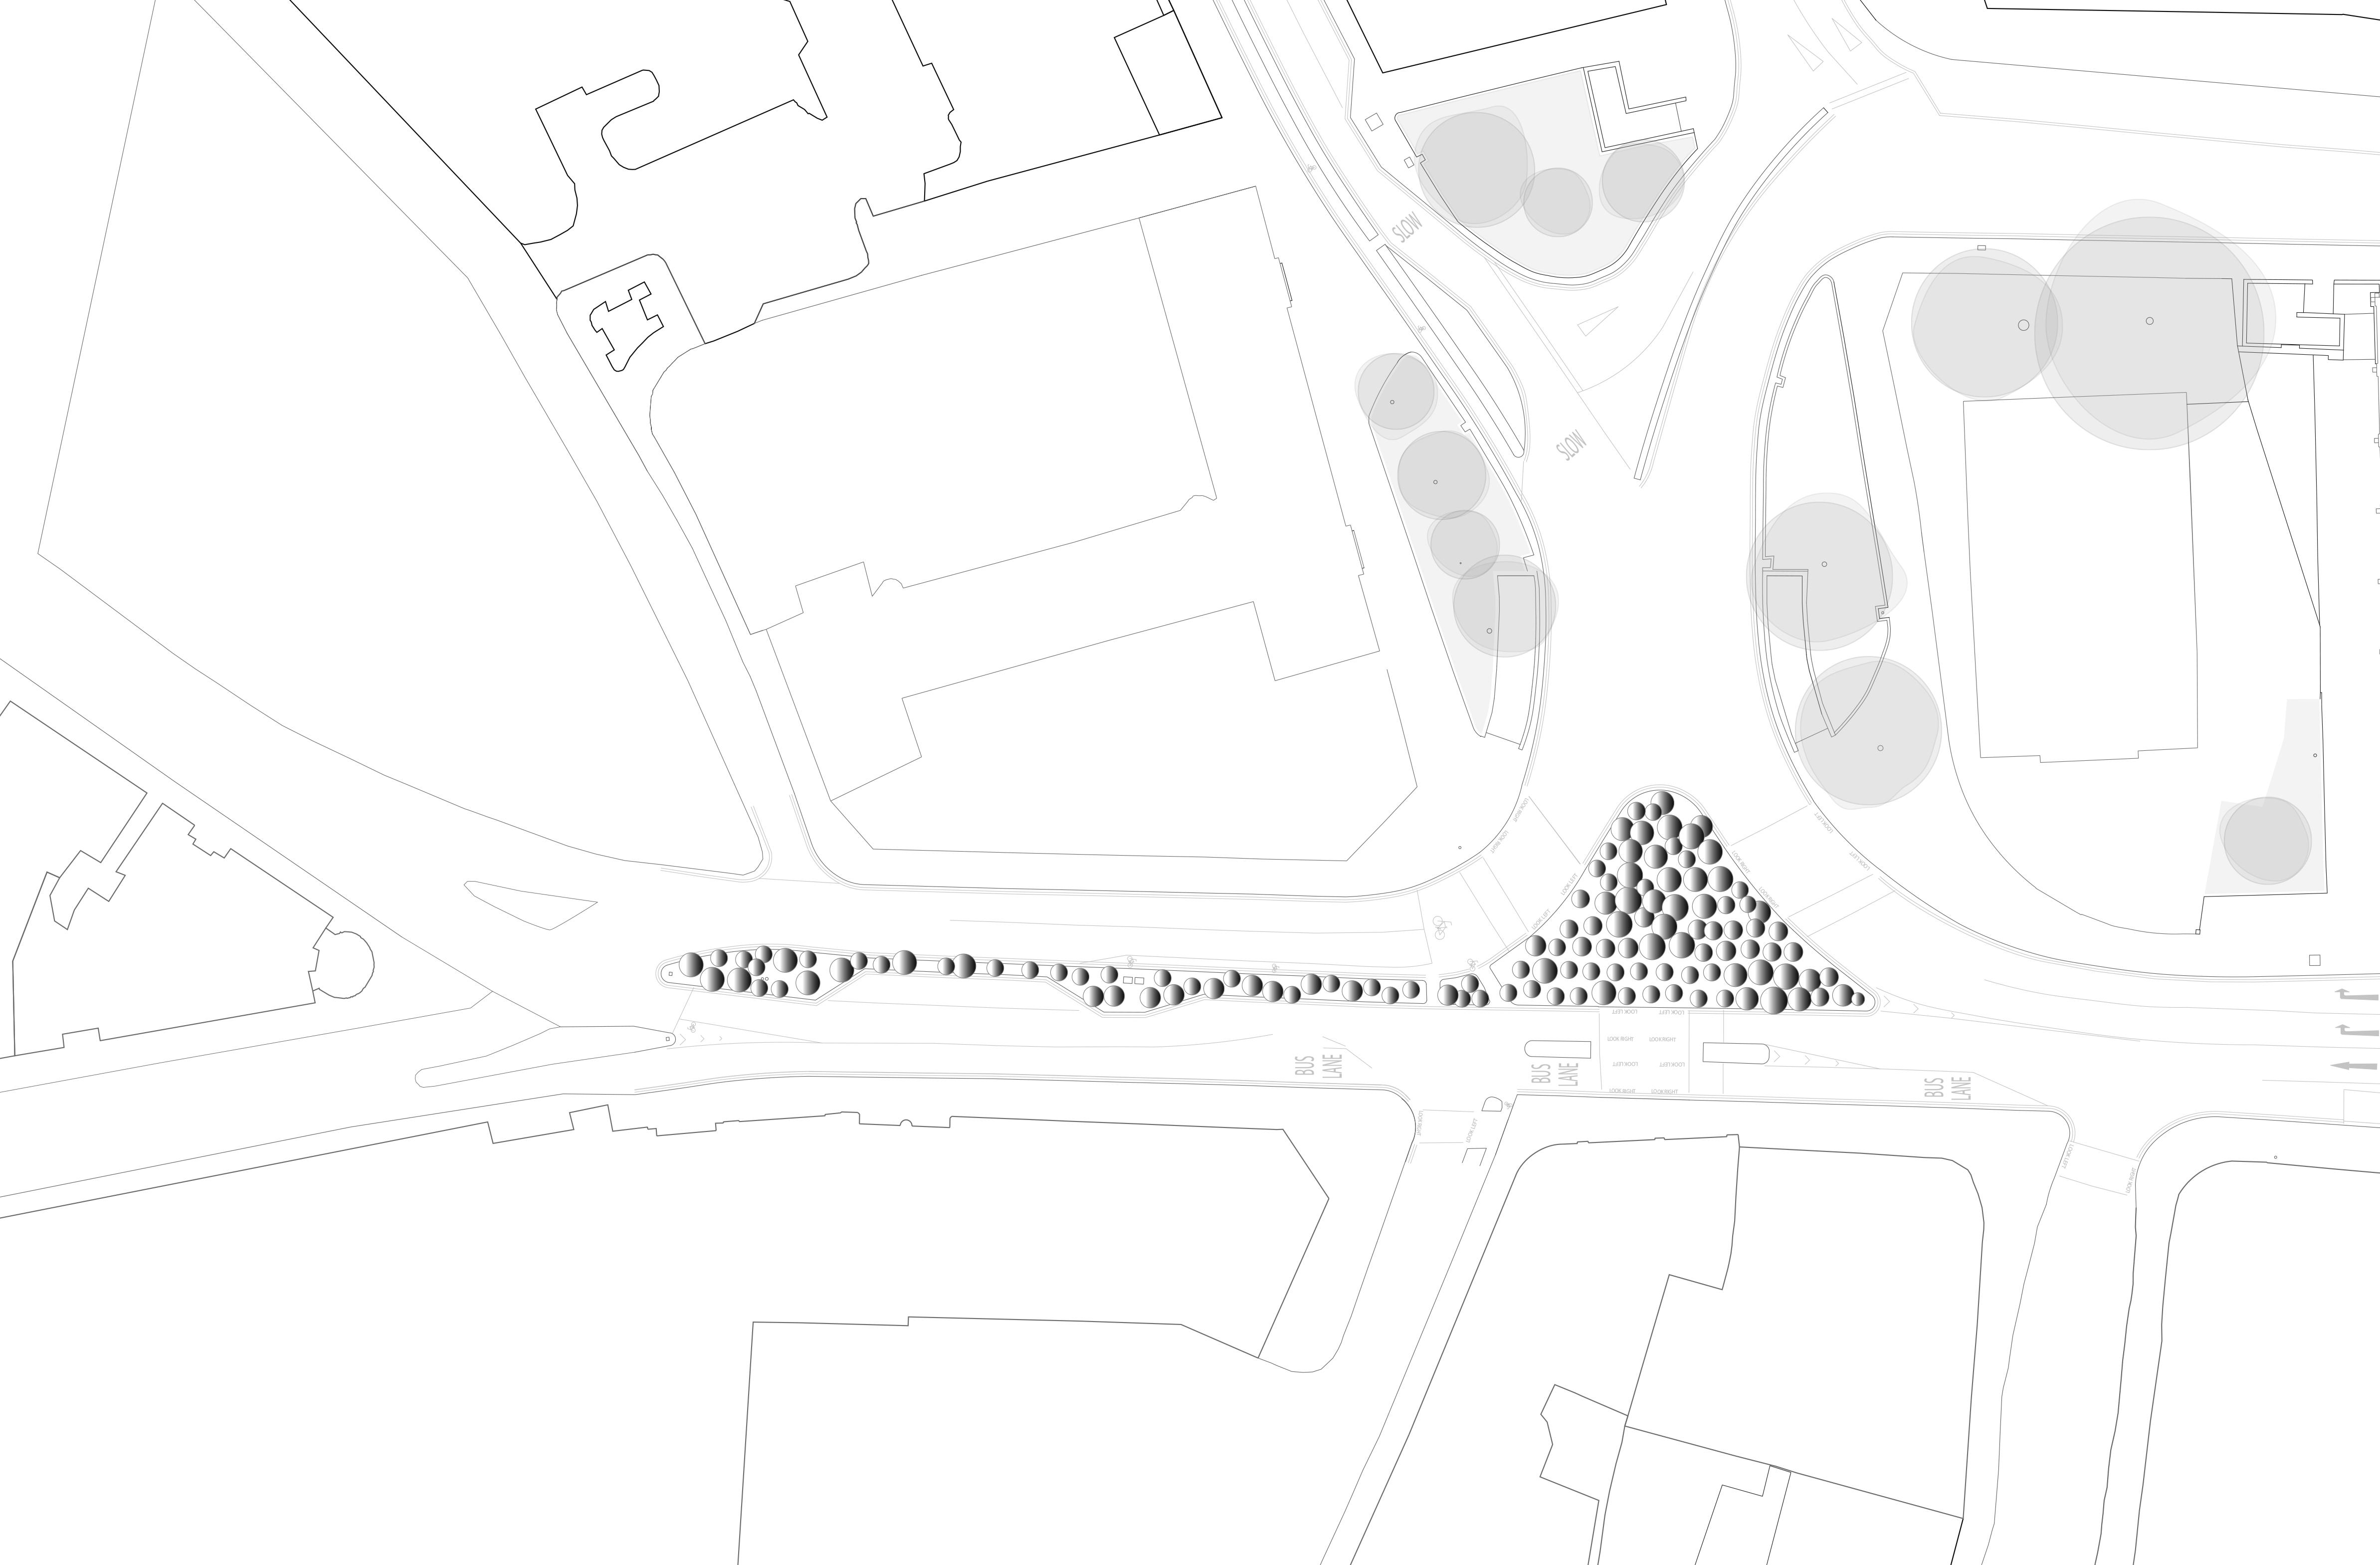 plan_layout2